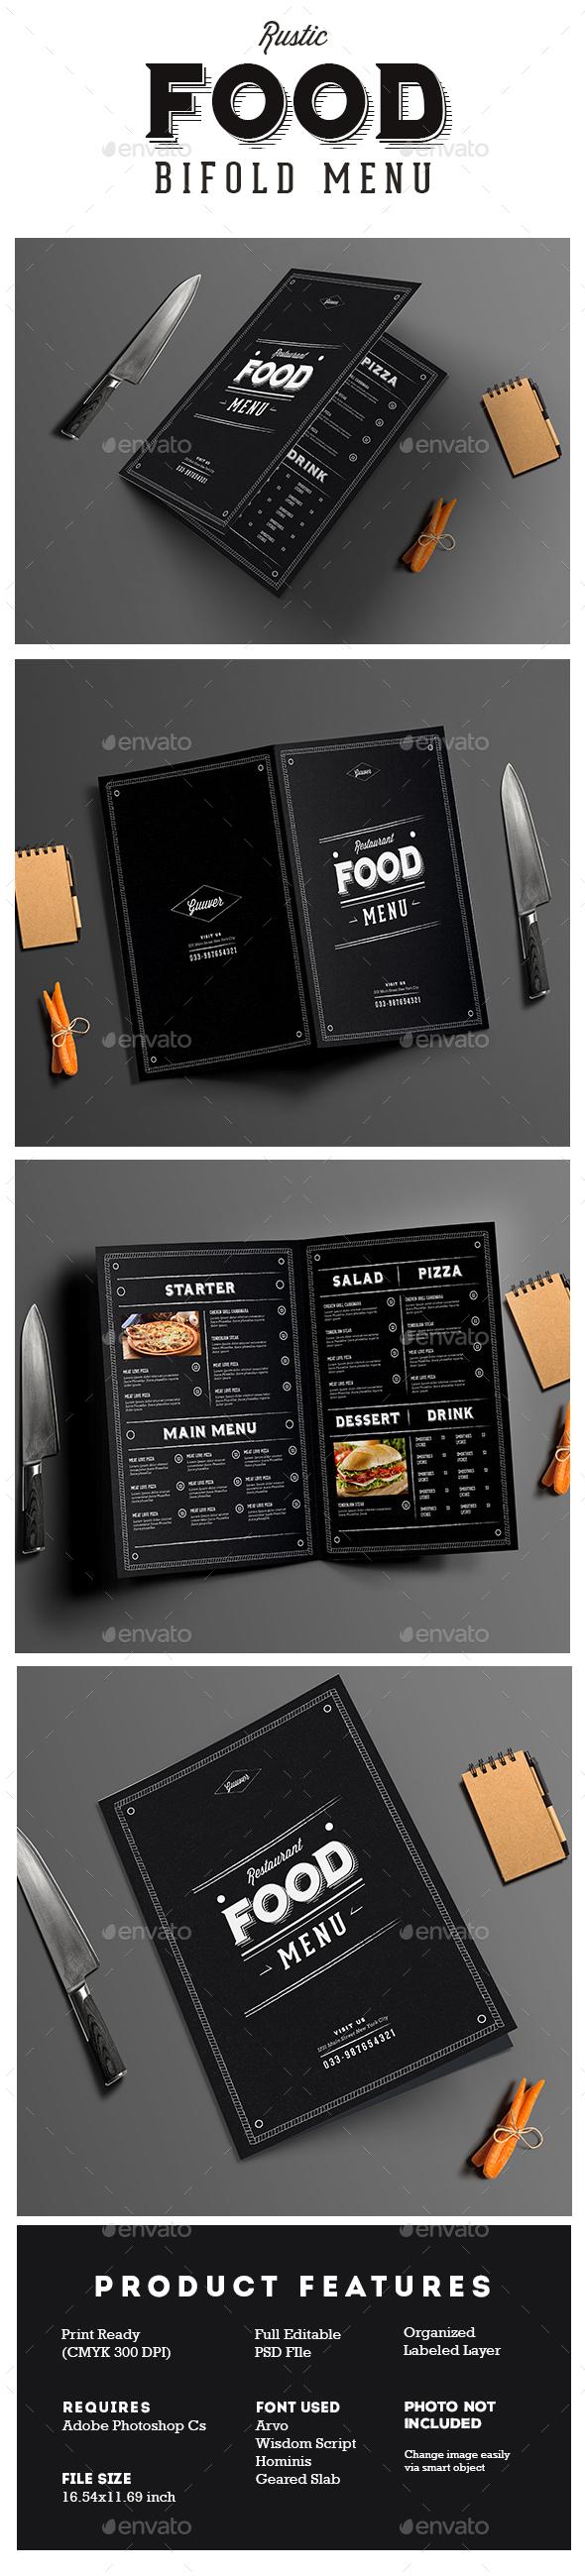 Rustic Bifold Restaurant Menu - Food Menus Print Templates